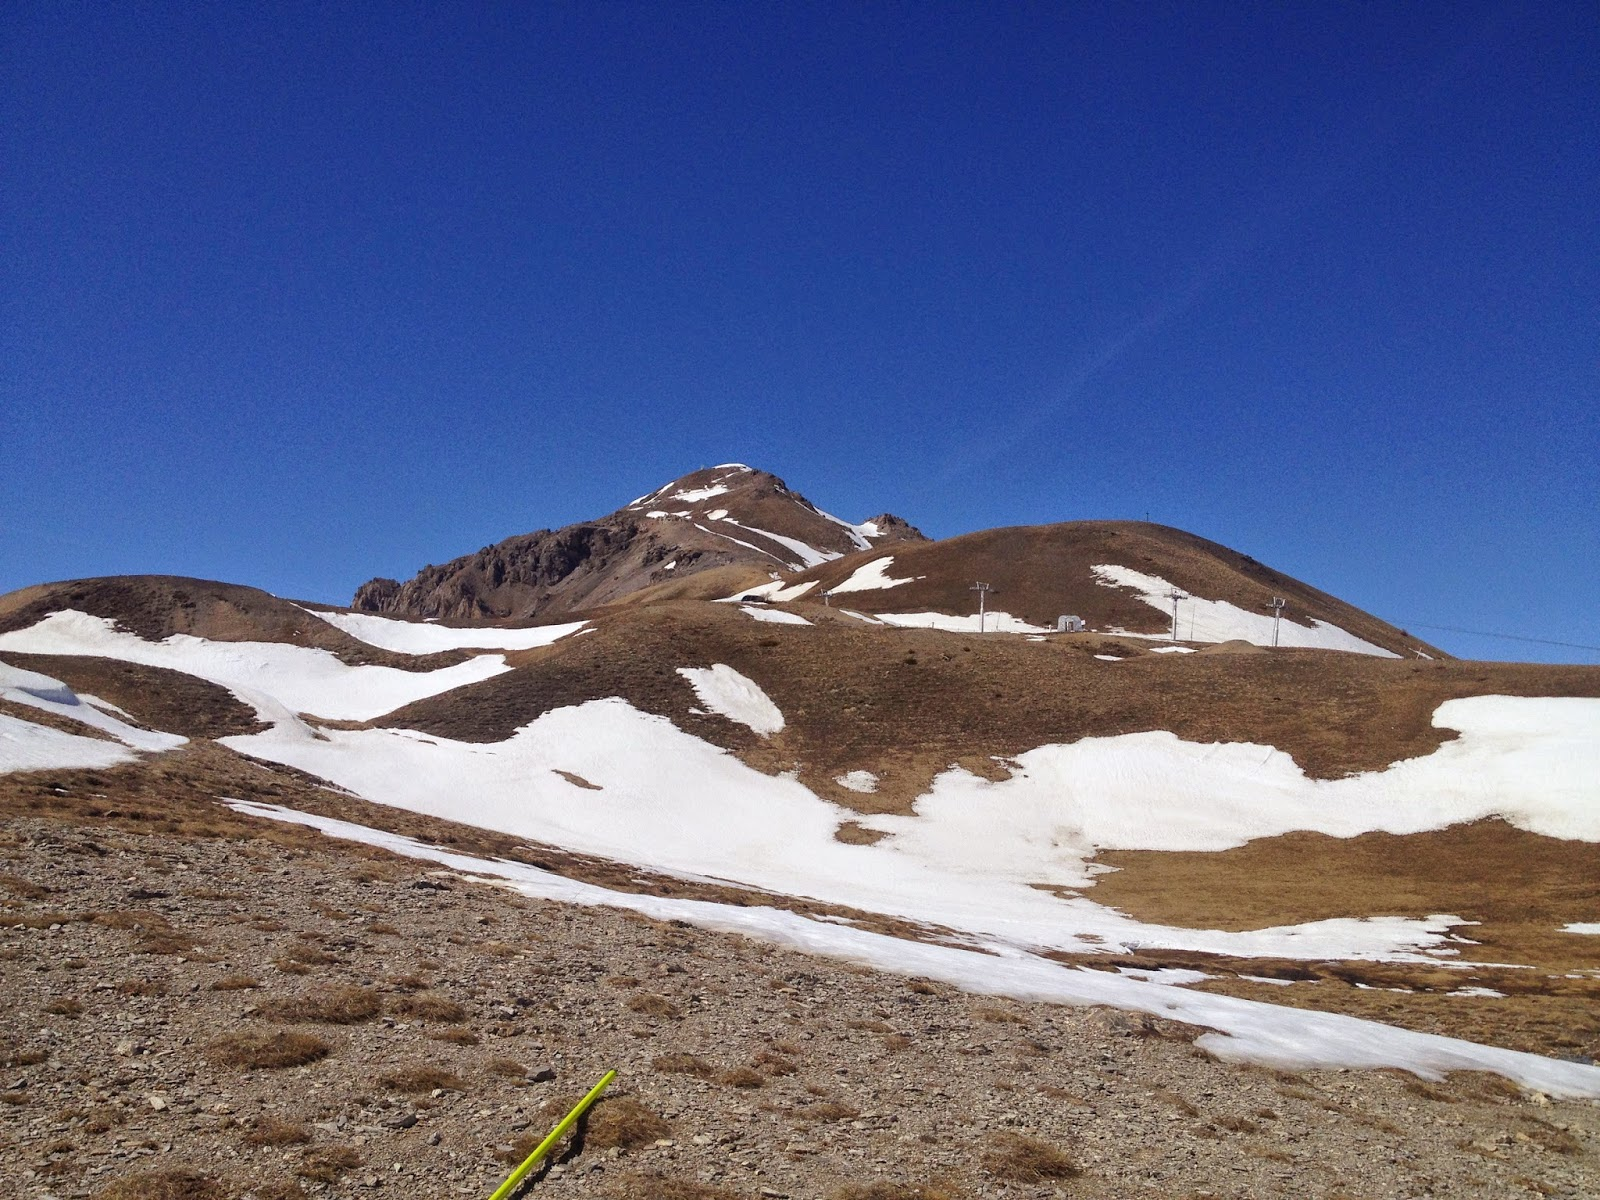 Sommet du prorel 2556m haute alpes petite infid lit alpine les abricotiers - Quand tailler les abricotiers ...